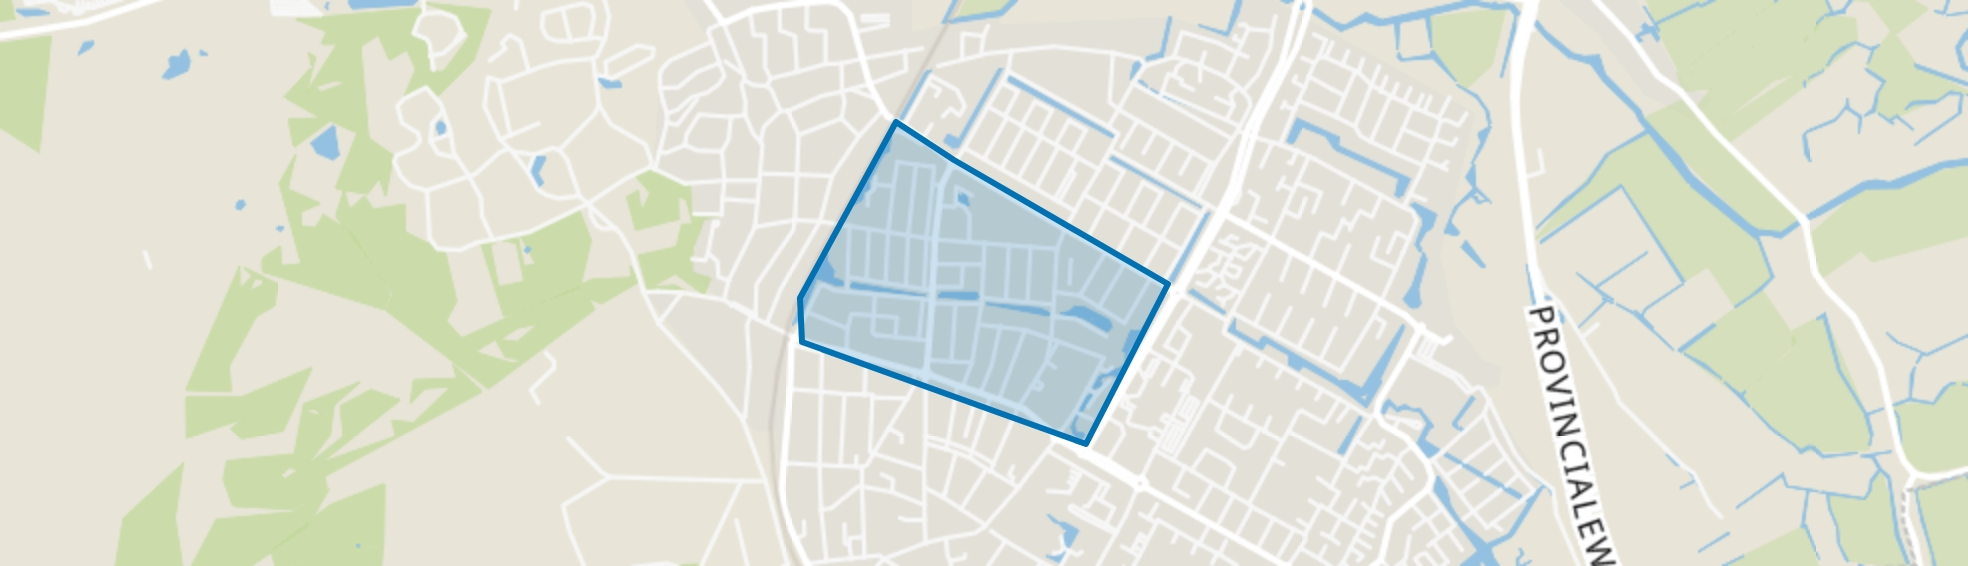 Oranjebuurt, Castricum map